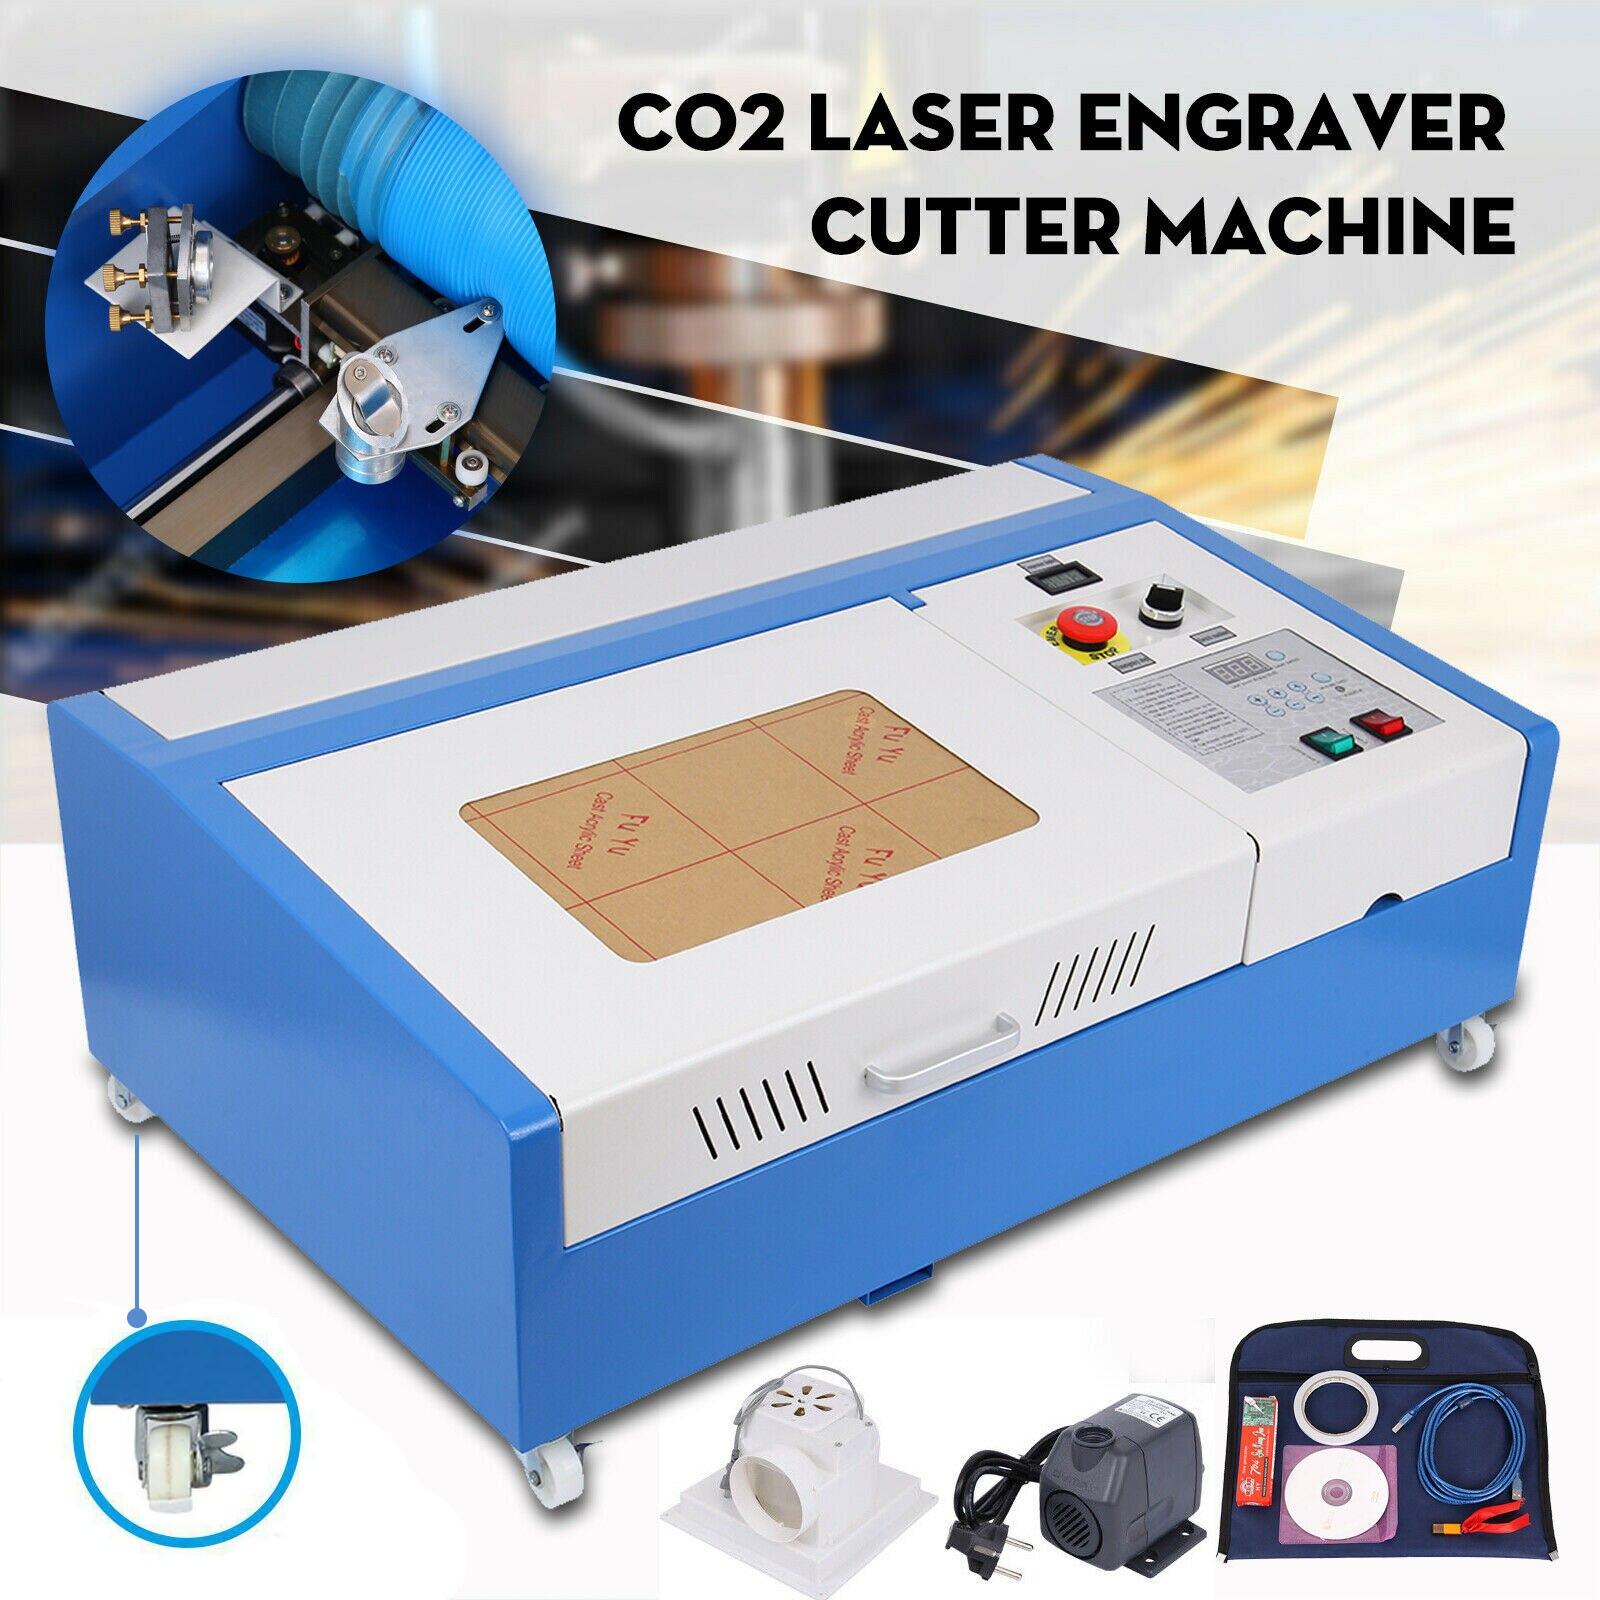 Newest Engraving Machine USB CO2 Laser Engraving Cutting Machine Laser Engraver 40W For Wood Acrylic 110V/220V